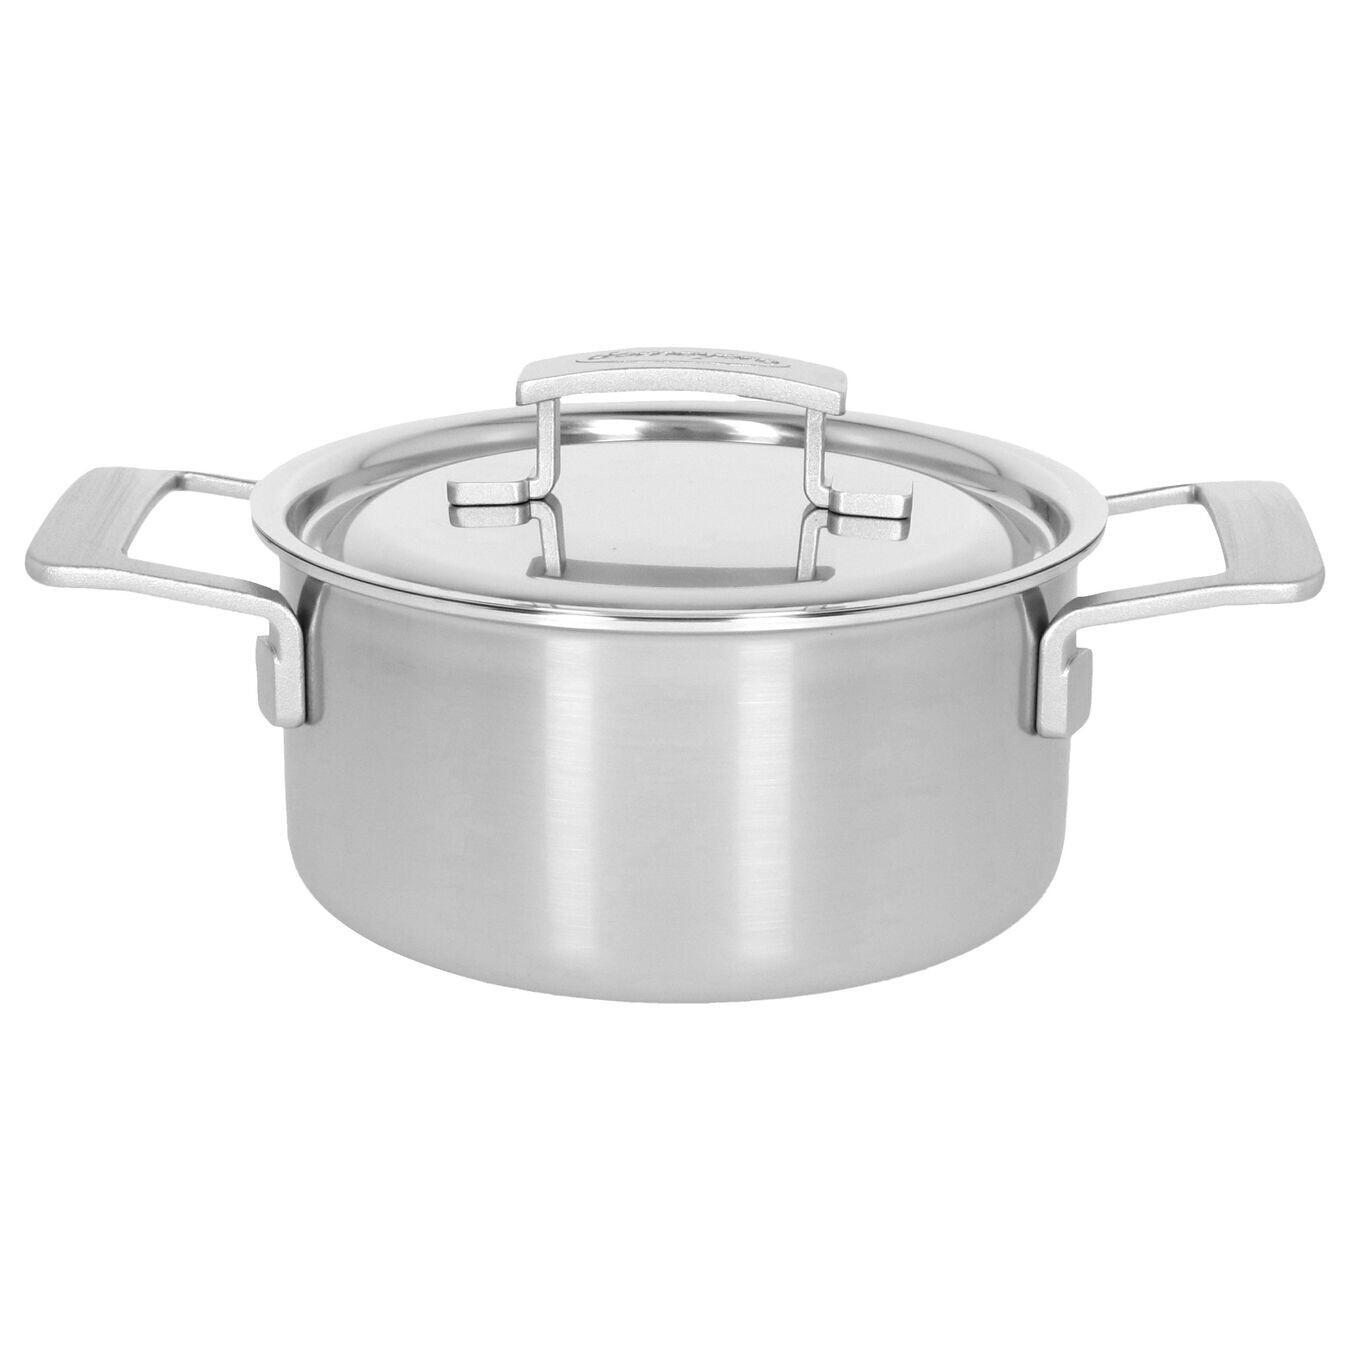 DEMEYERE 'industry 5' kookpot met deksel 18cm / 2,25L   PROMO 165,00 -30%